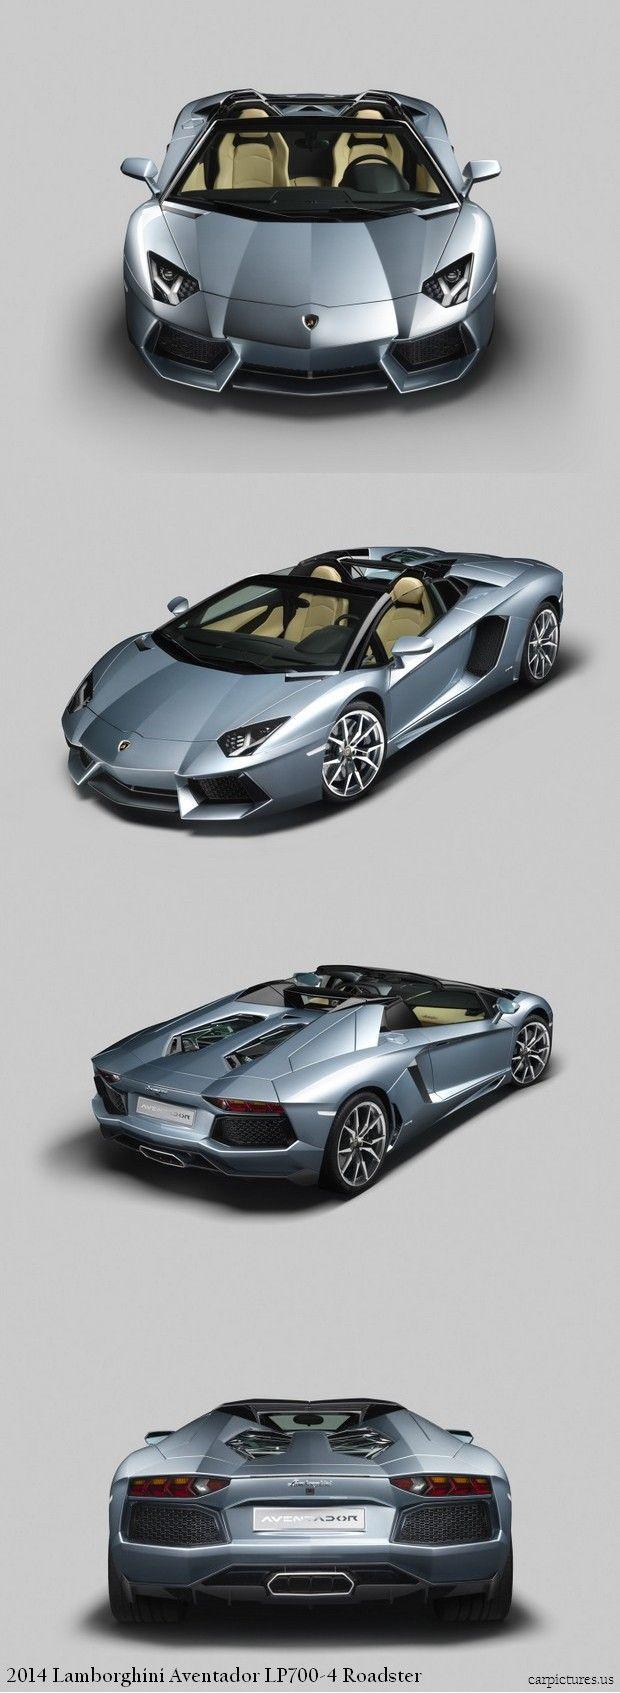 2014 Lamborghini Aventador LP700-4 Roadster. More: http://carpictures.us/2014-lamborghini-aventador-lp700-4-roadster/